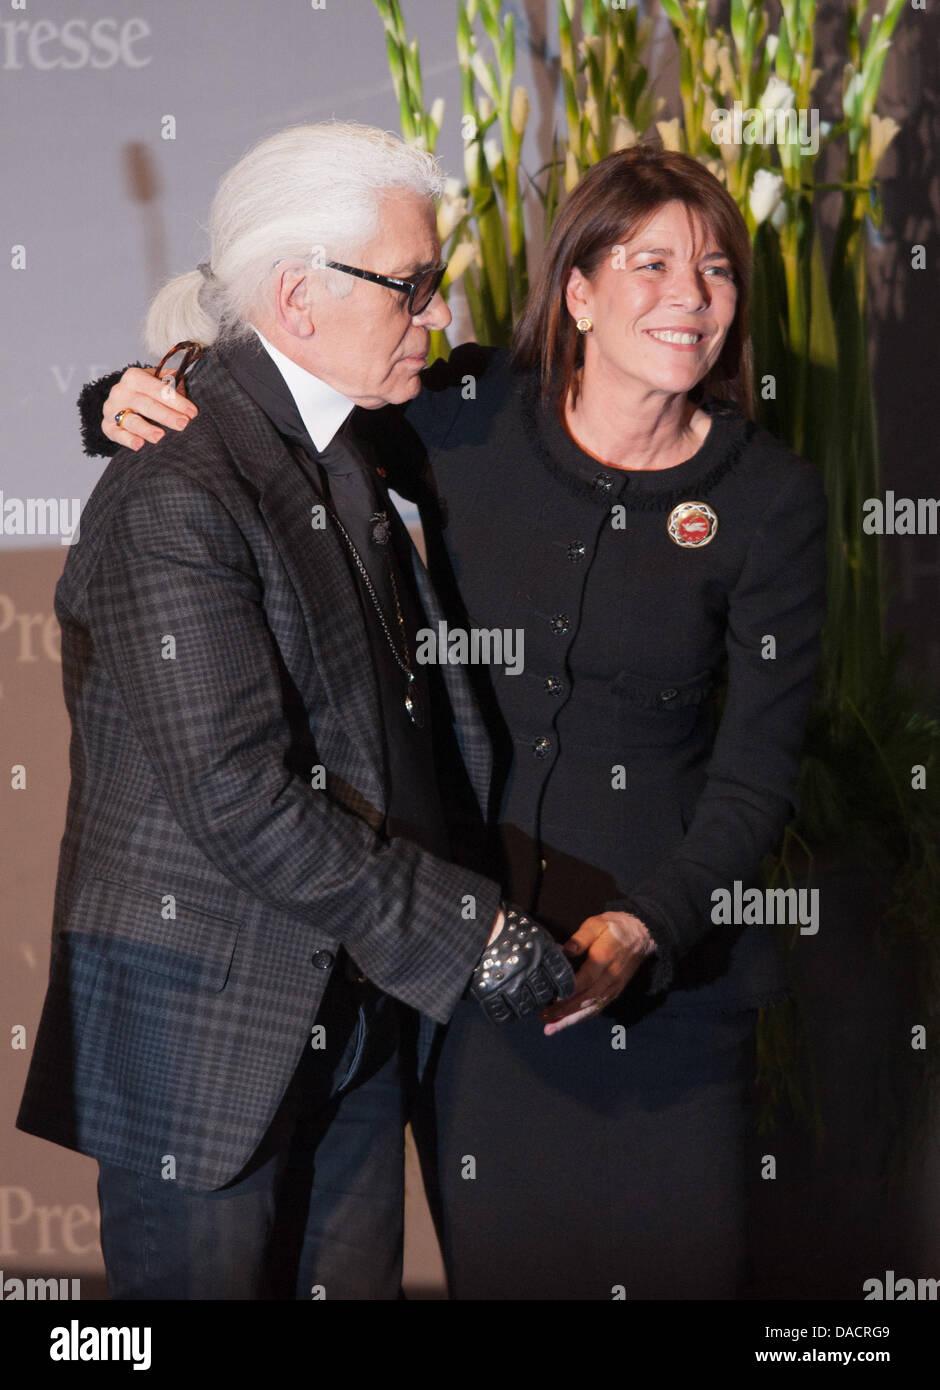 fashio-disenador-karl-lagerfeld-abraza-a-la-princesa-carolina-de-monaco-de-hannover-durante-la-concesion-del-premio-enschen-en-europa-la-caridad-la-gente-en-europa-la-caridad-award-del-grupo-editorial-passau-passauer-neue-presse-en-passau-alemania-el-12-de-diciembre-de-2011-el-premio-honra-la-princess-compromiso-con-la-organizacion-de-caridad-infantil-amade-mondiale-y-es-premiado-dacrg9.jpg